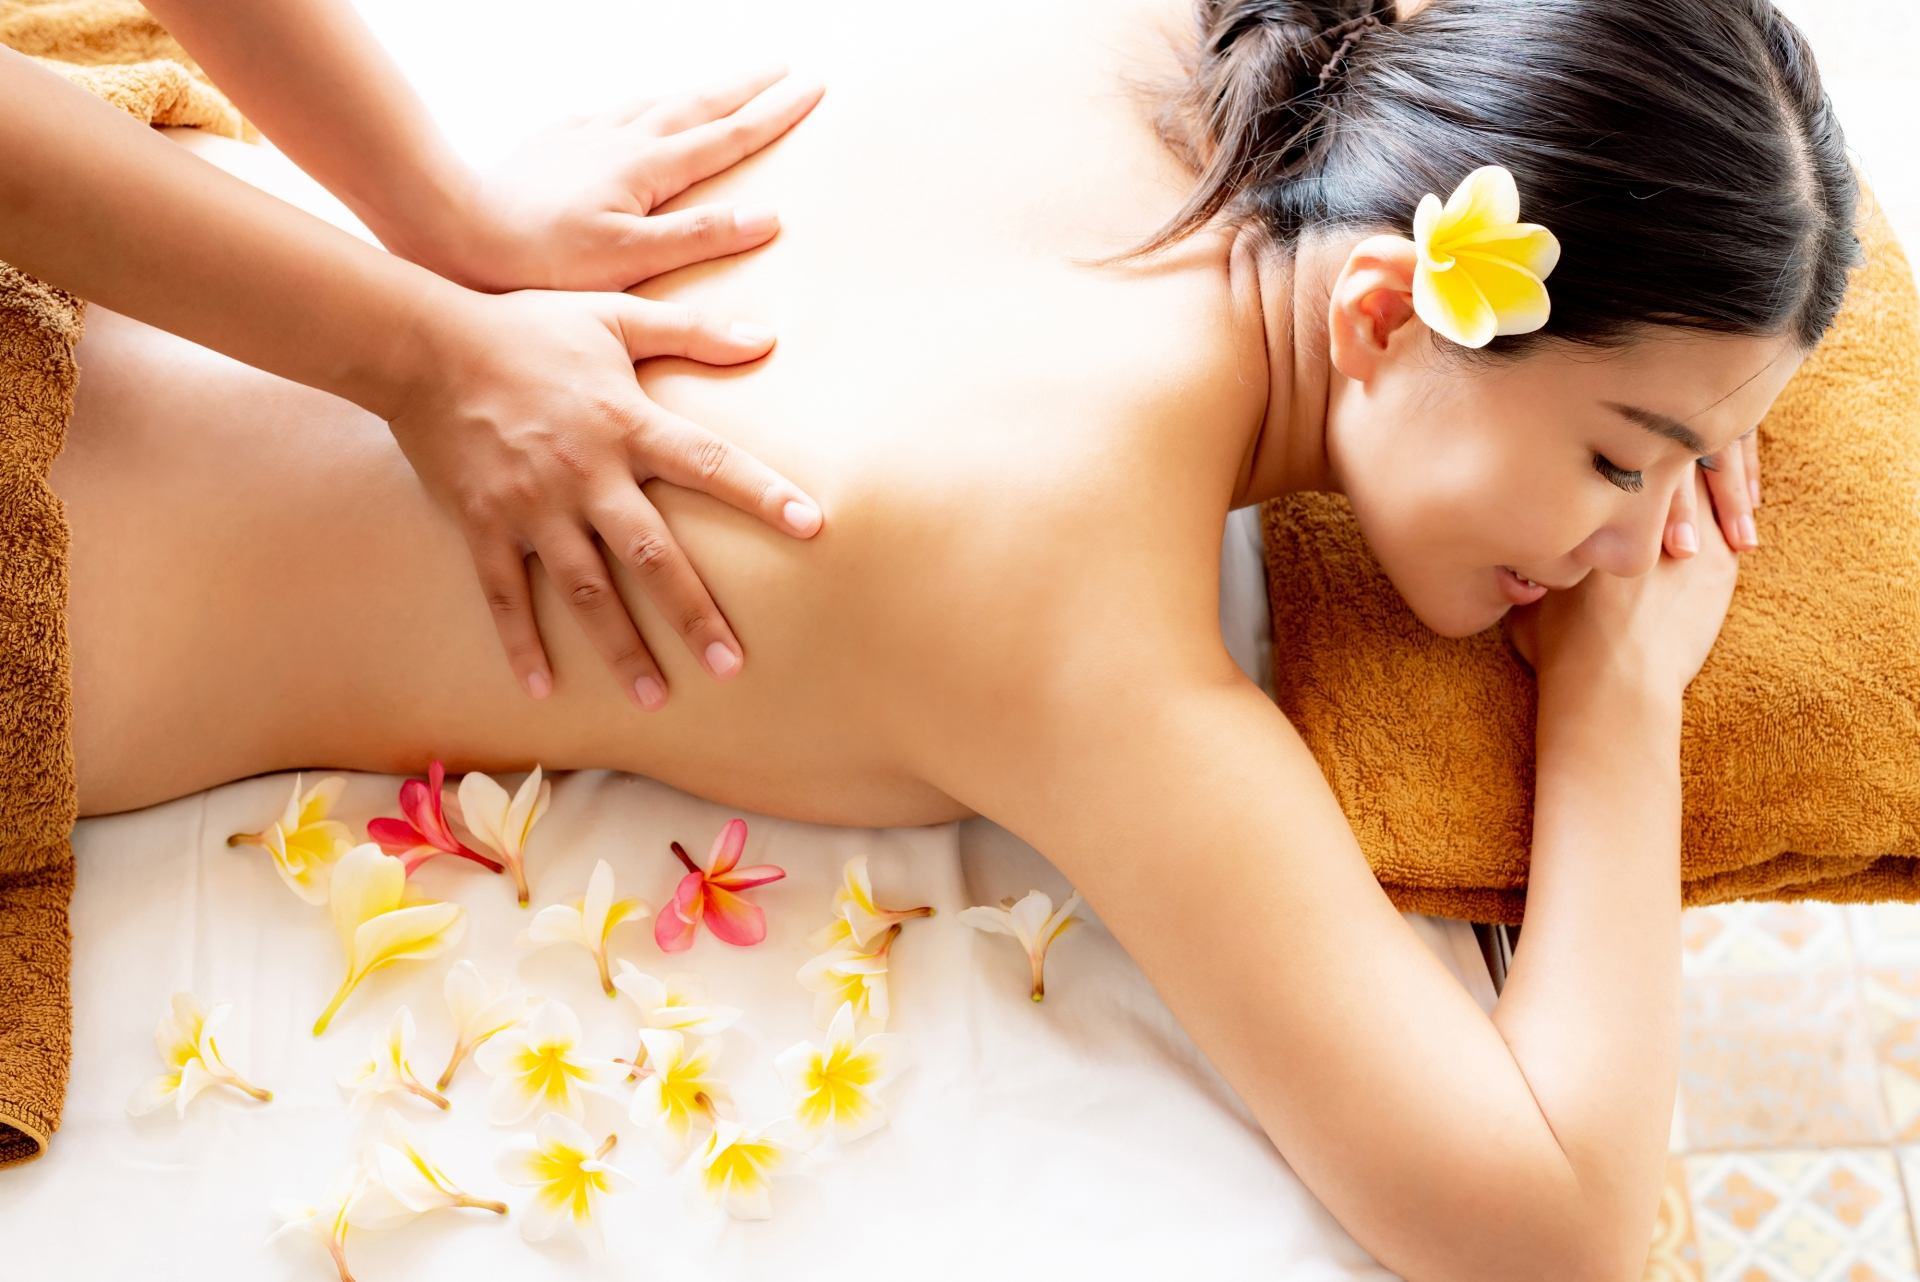 アロマセラピストが女性のお客さんの背中を施術している画像